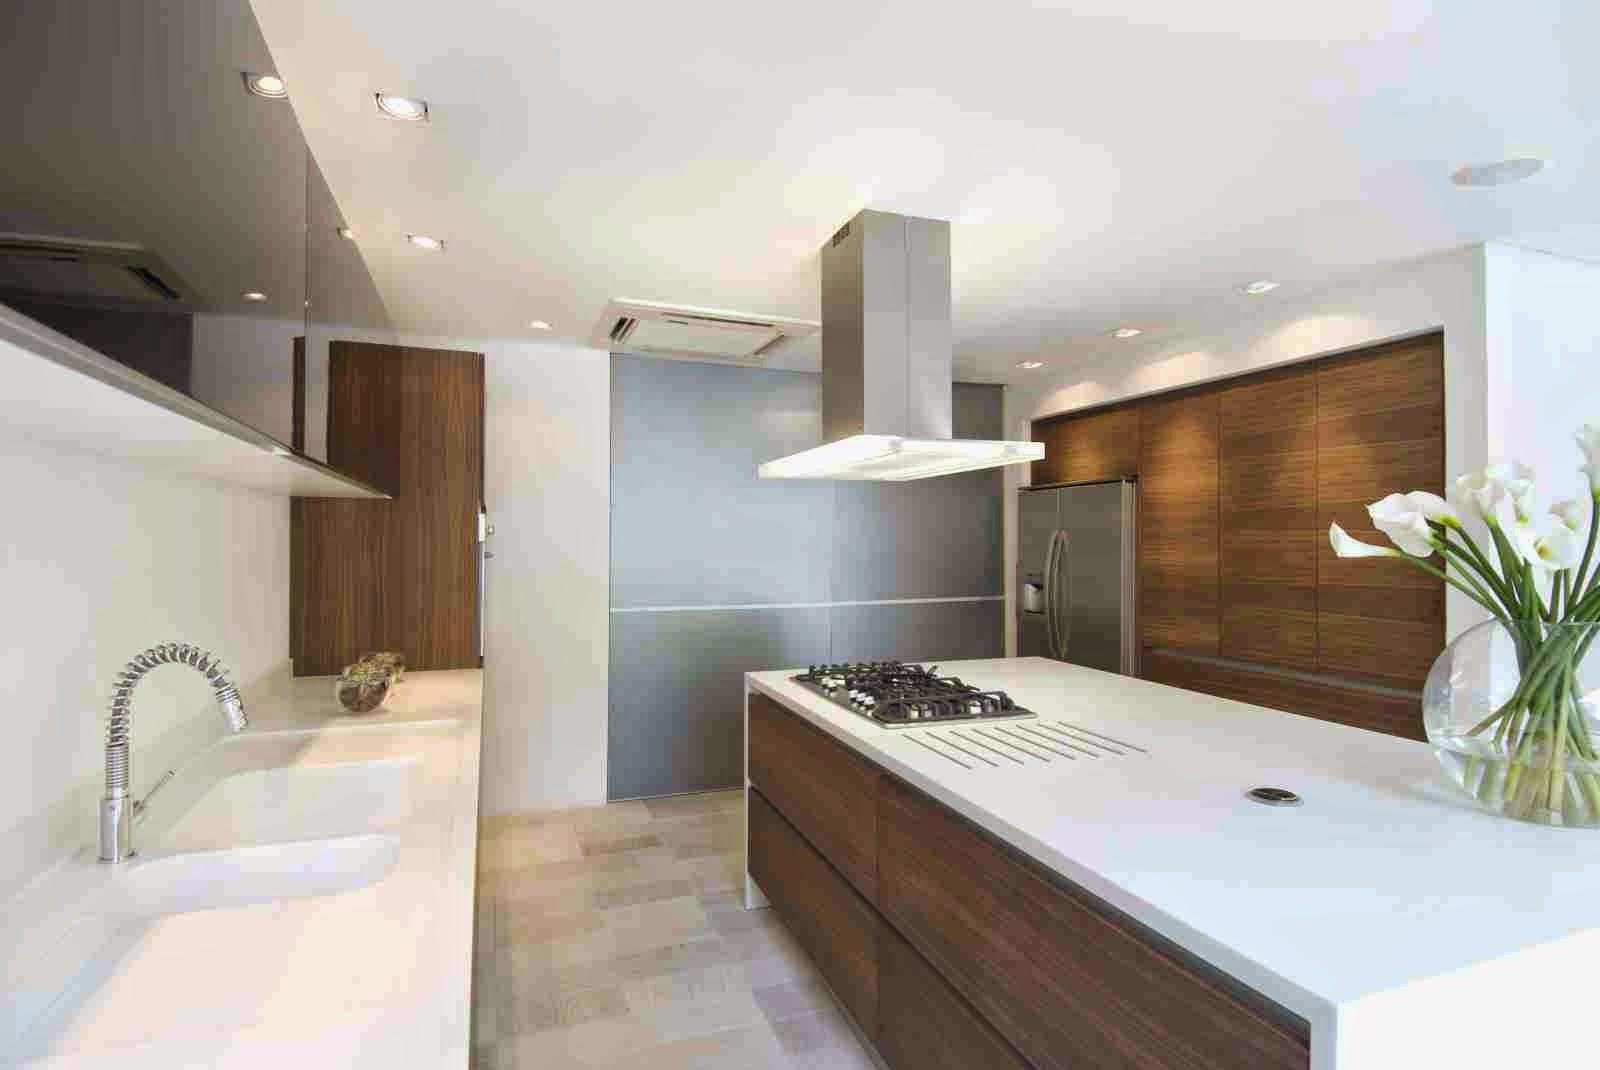 Minha casa dos sonhos: Cozinhas para ver e se apaixonar!!! #614733 1600 1070